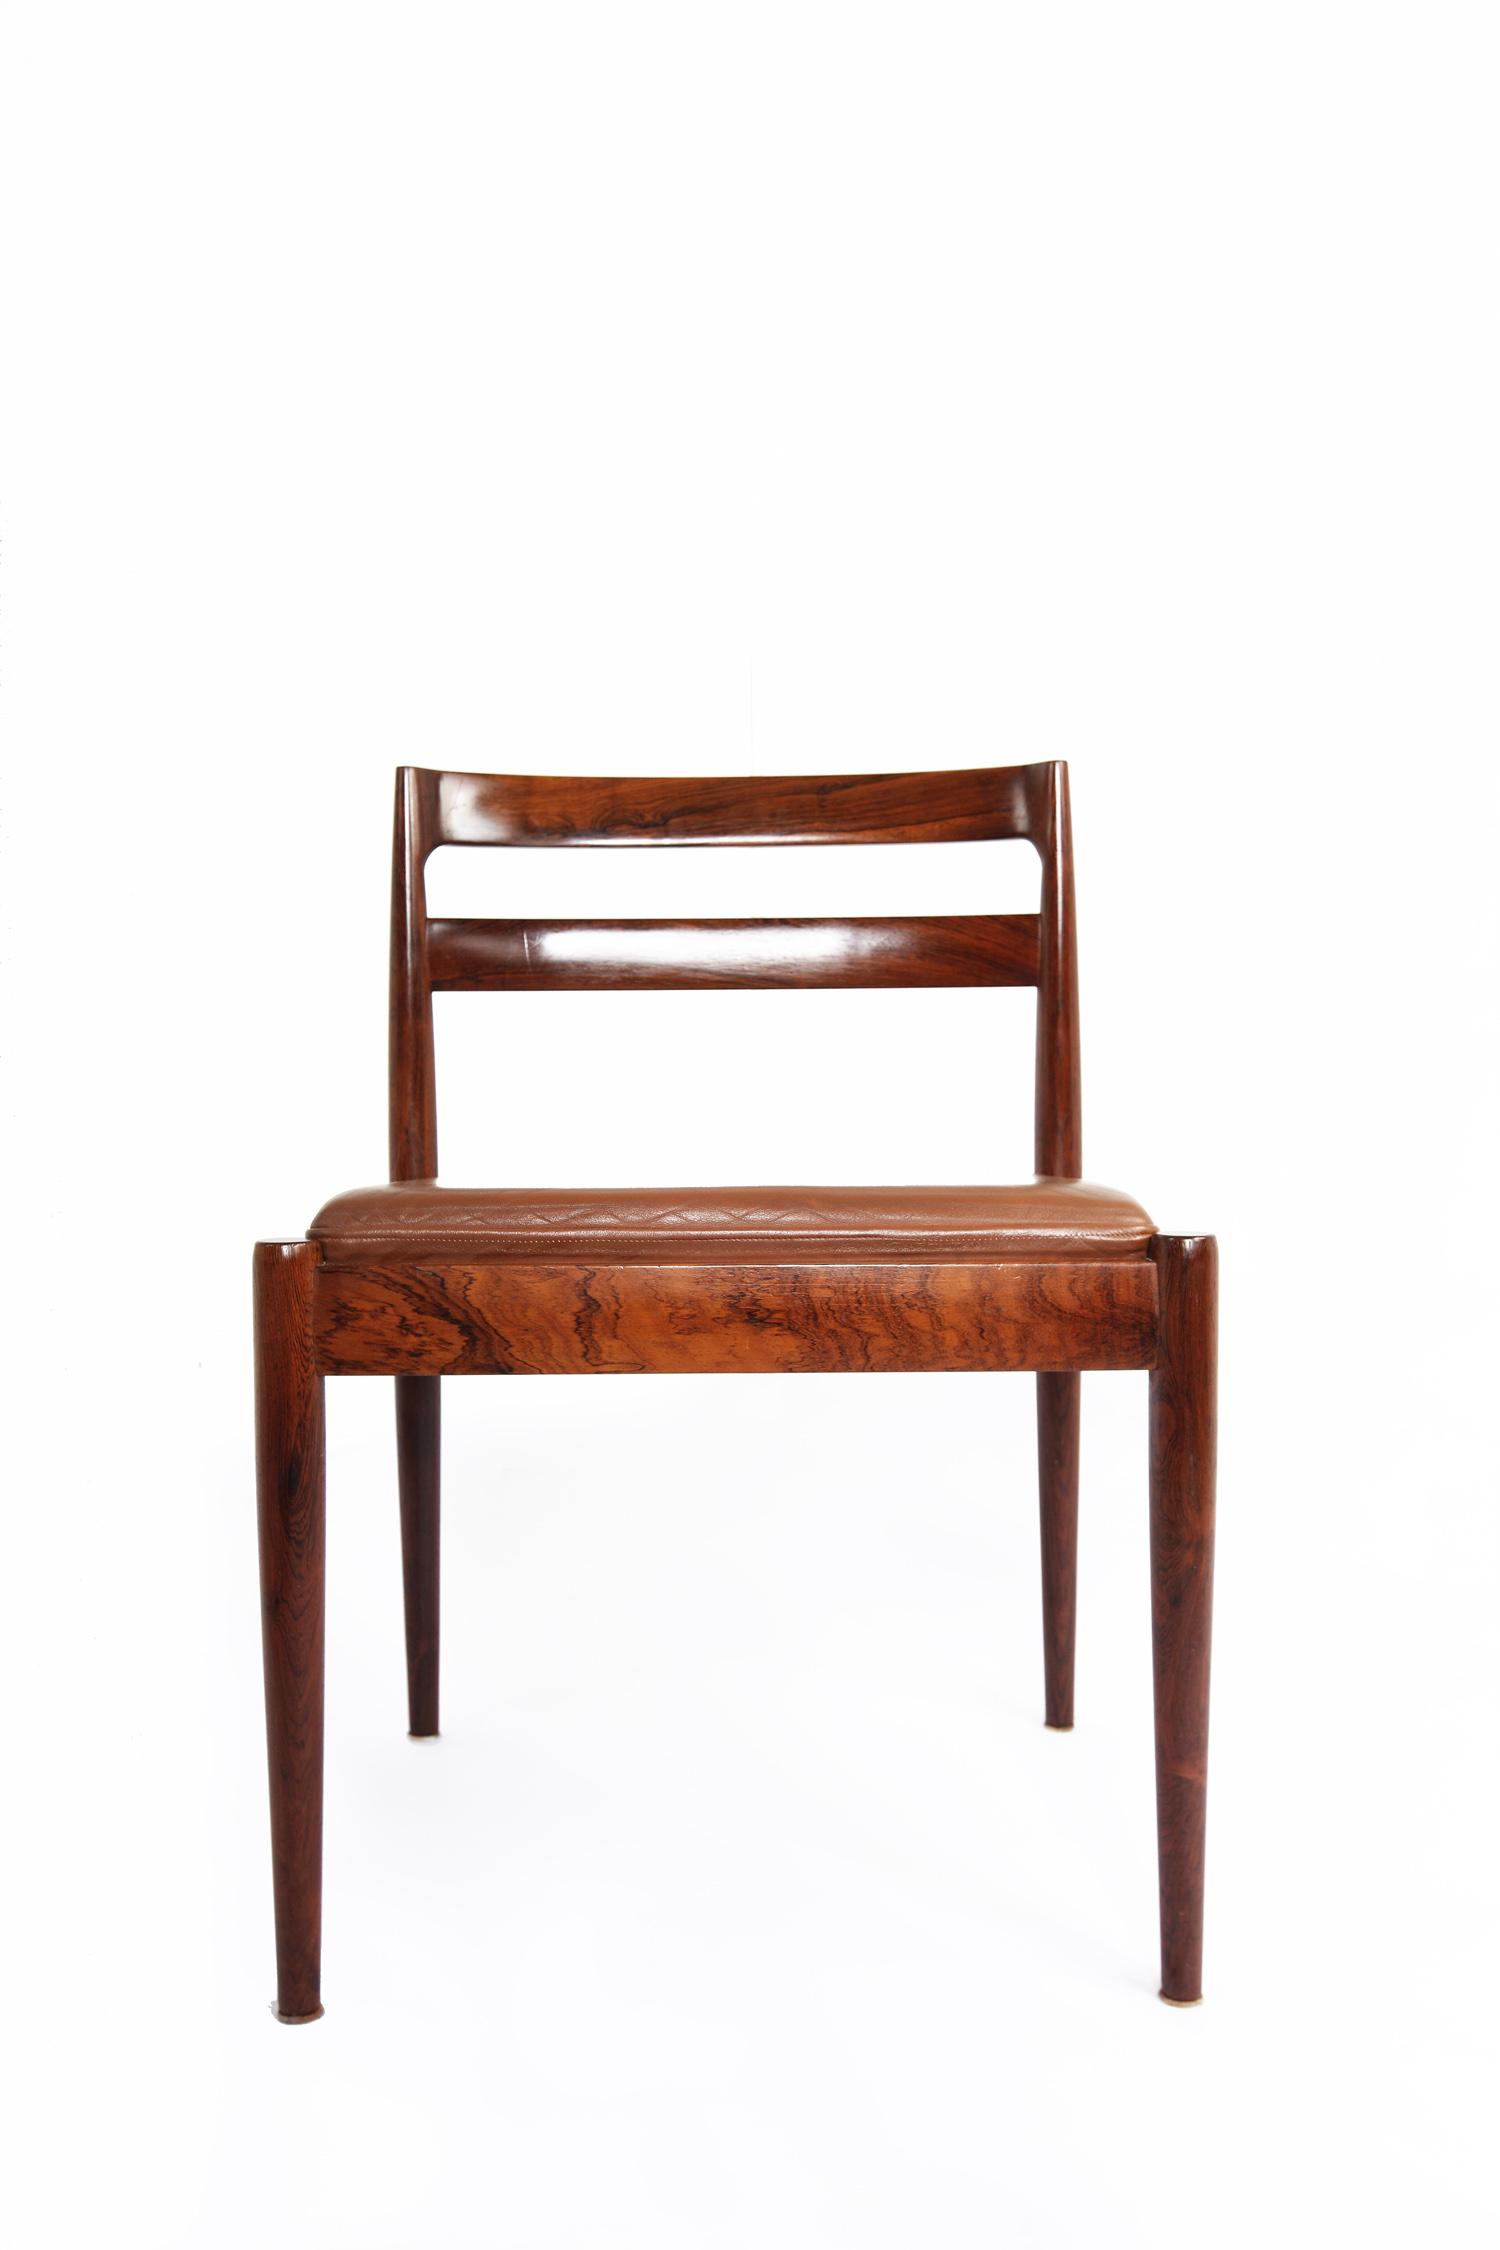 Kristiansen 1954 dining chair1_resize.jpg